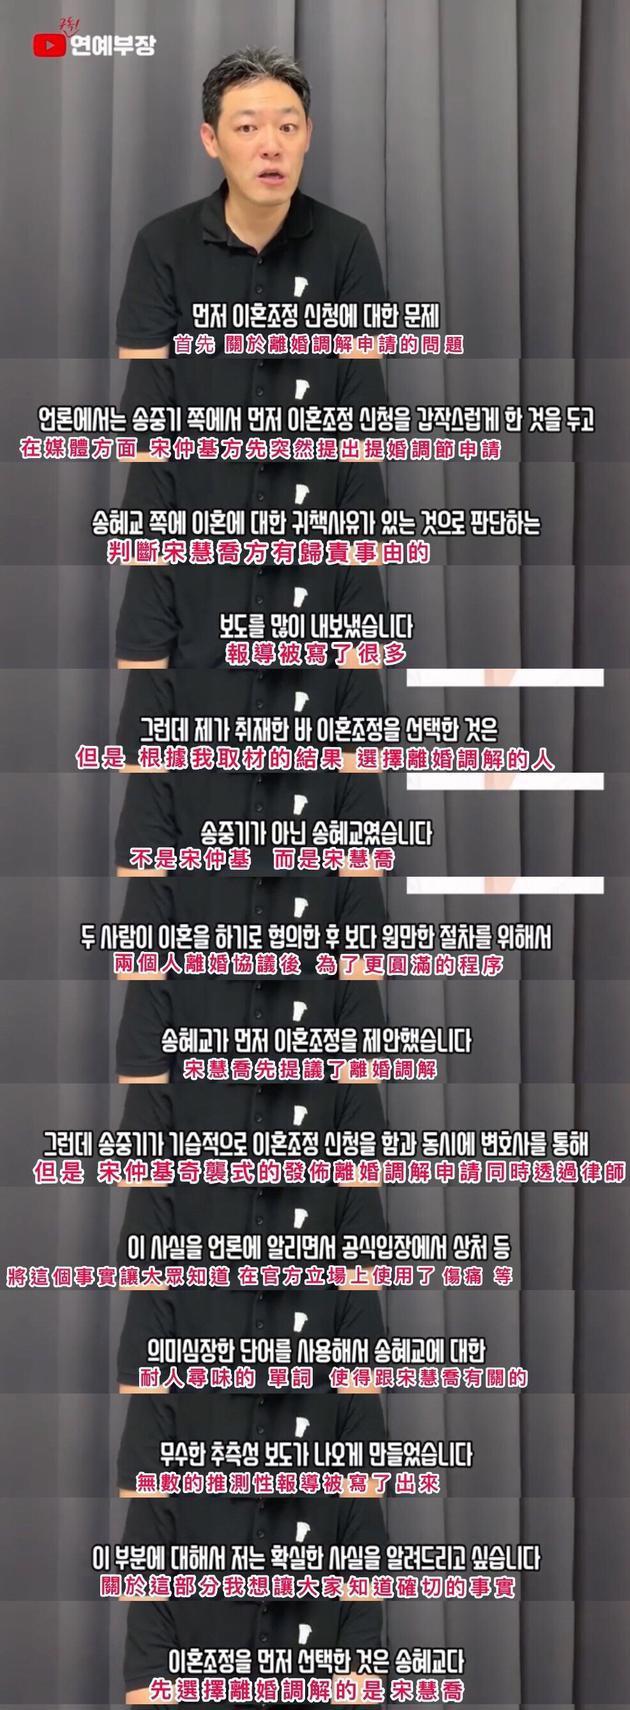 SỐC: Blogger nổi tiếng tiết lộ Song Hye Kyo là người đề nghị ly hôn đầu tiên, bị Song Joong Ki cướp quyền thông báo